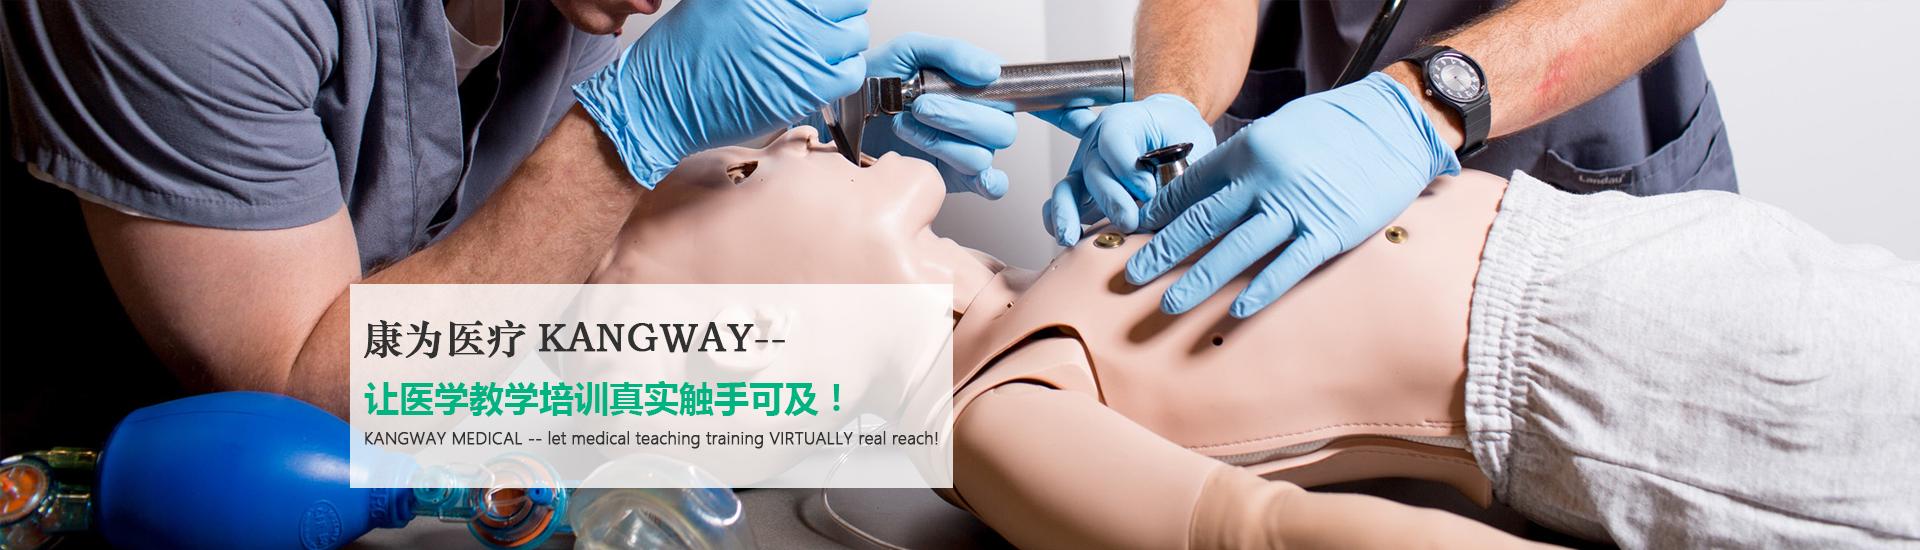 安徽医疗模型